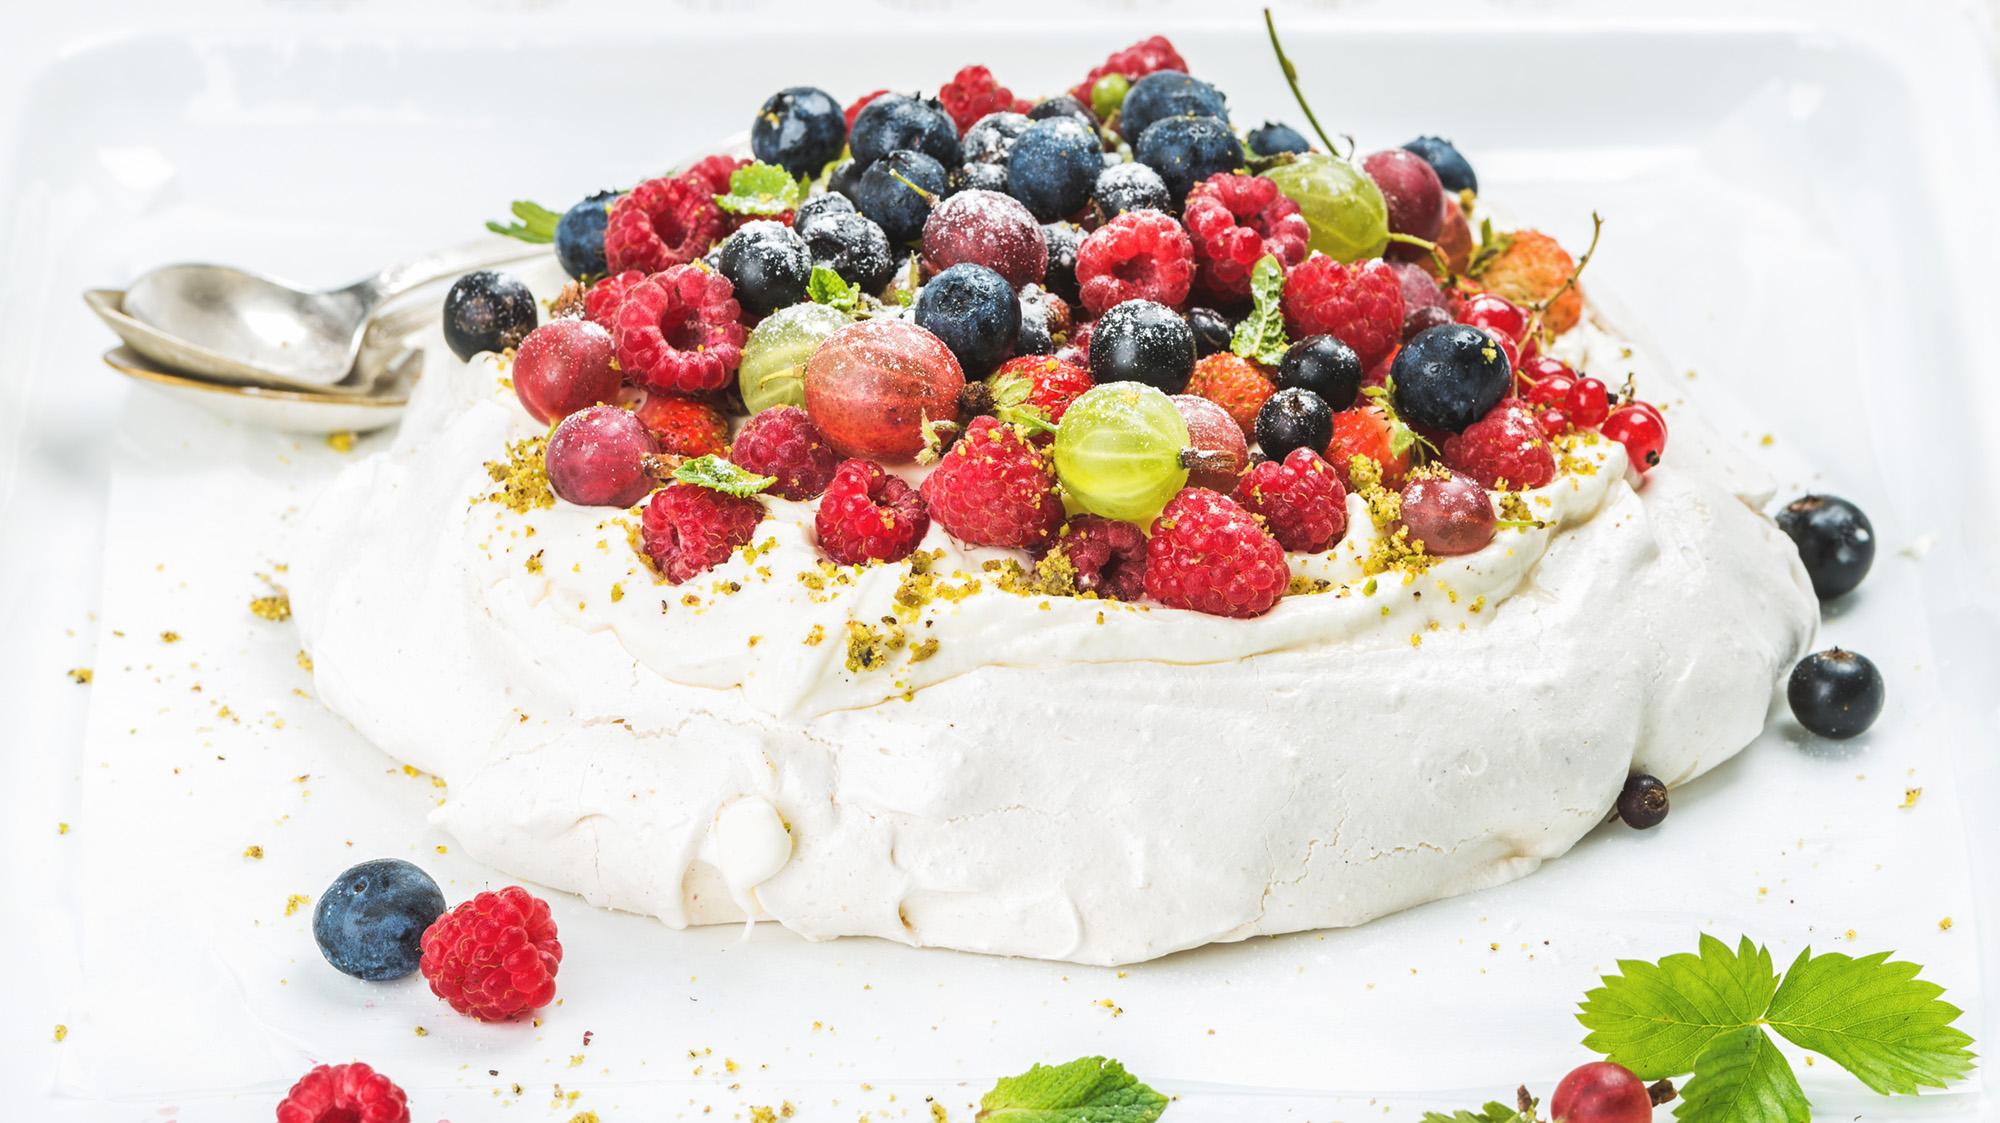 homemade-pavlova-cake-PNQYHL3(sml).jpg